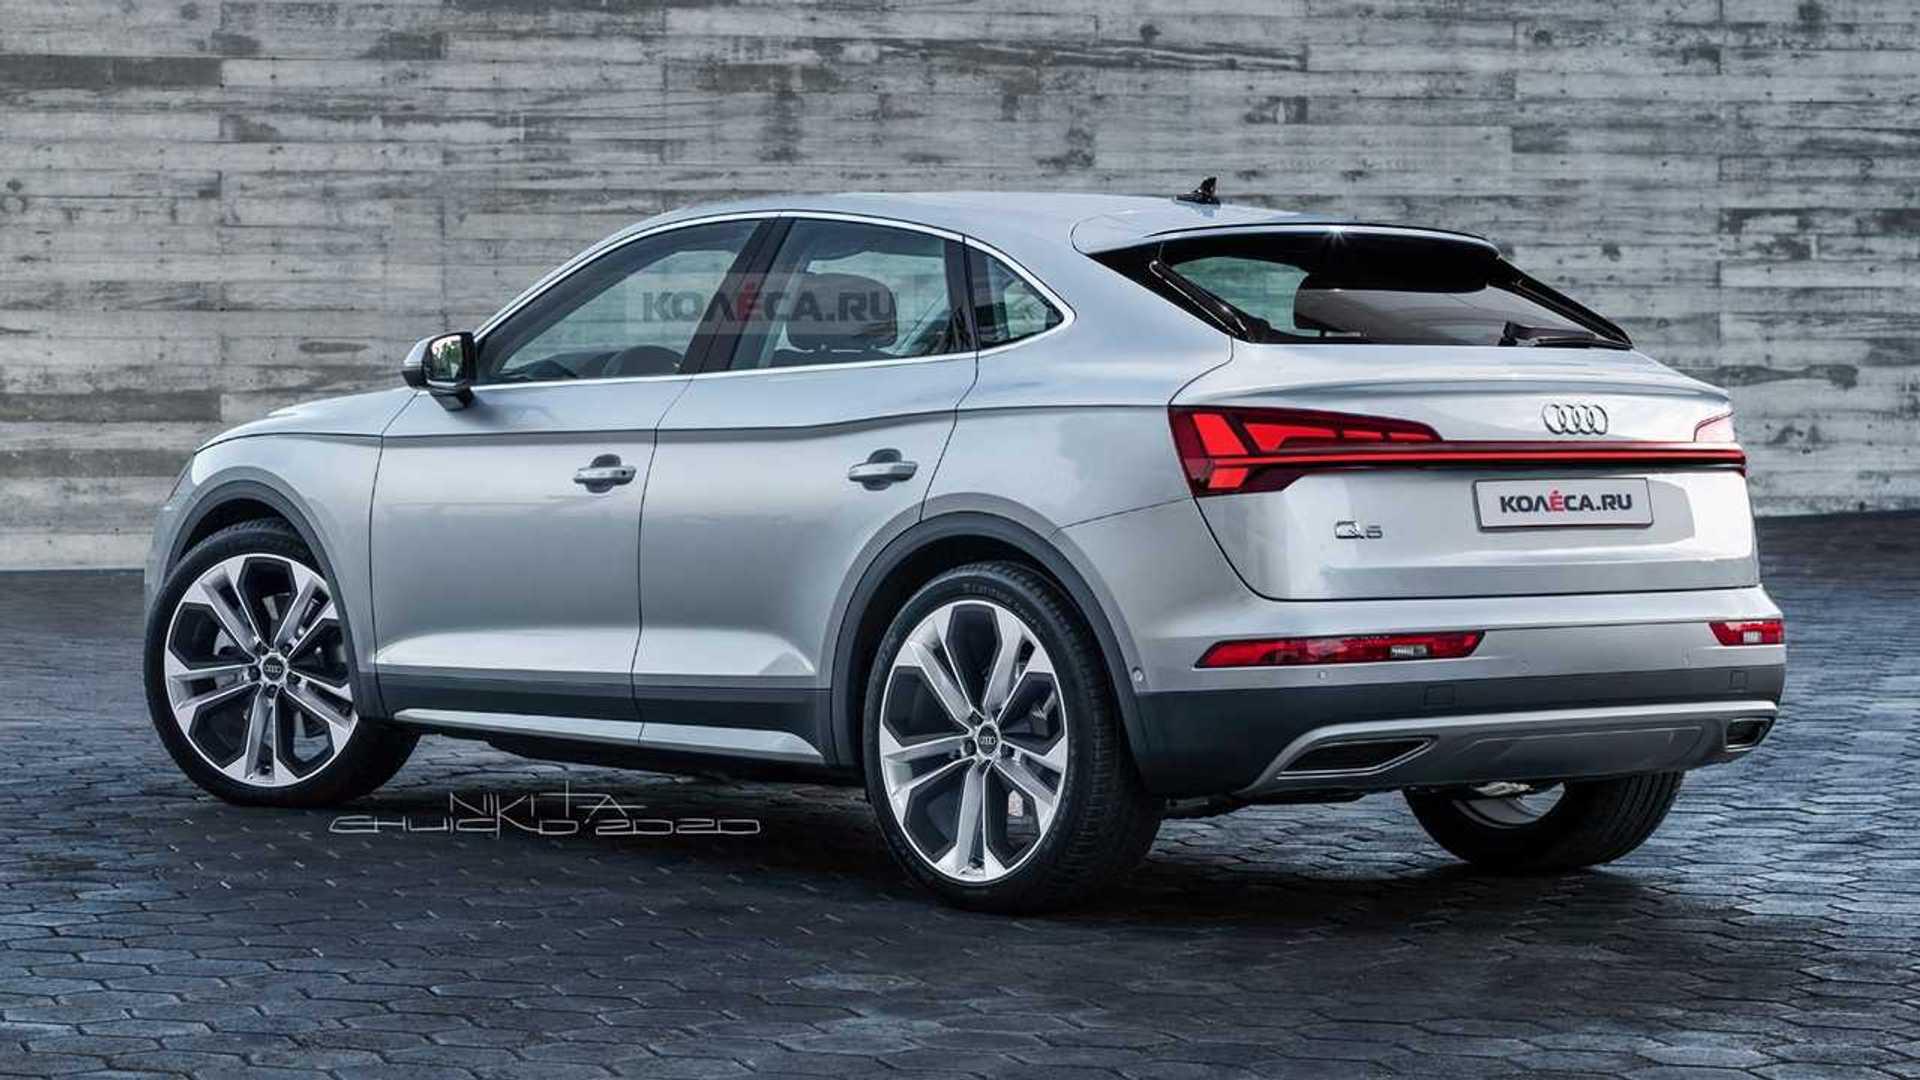 Este Render Del Audi Q5 Sportback Vislumbra El Nuevo Suv Coupé